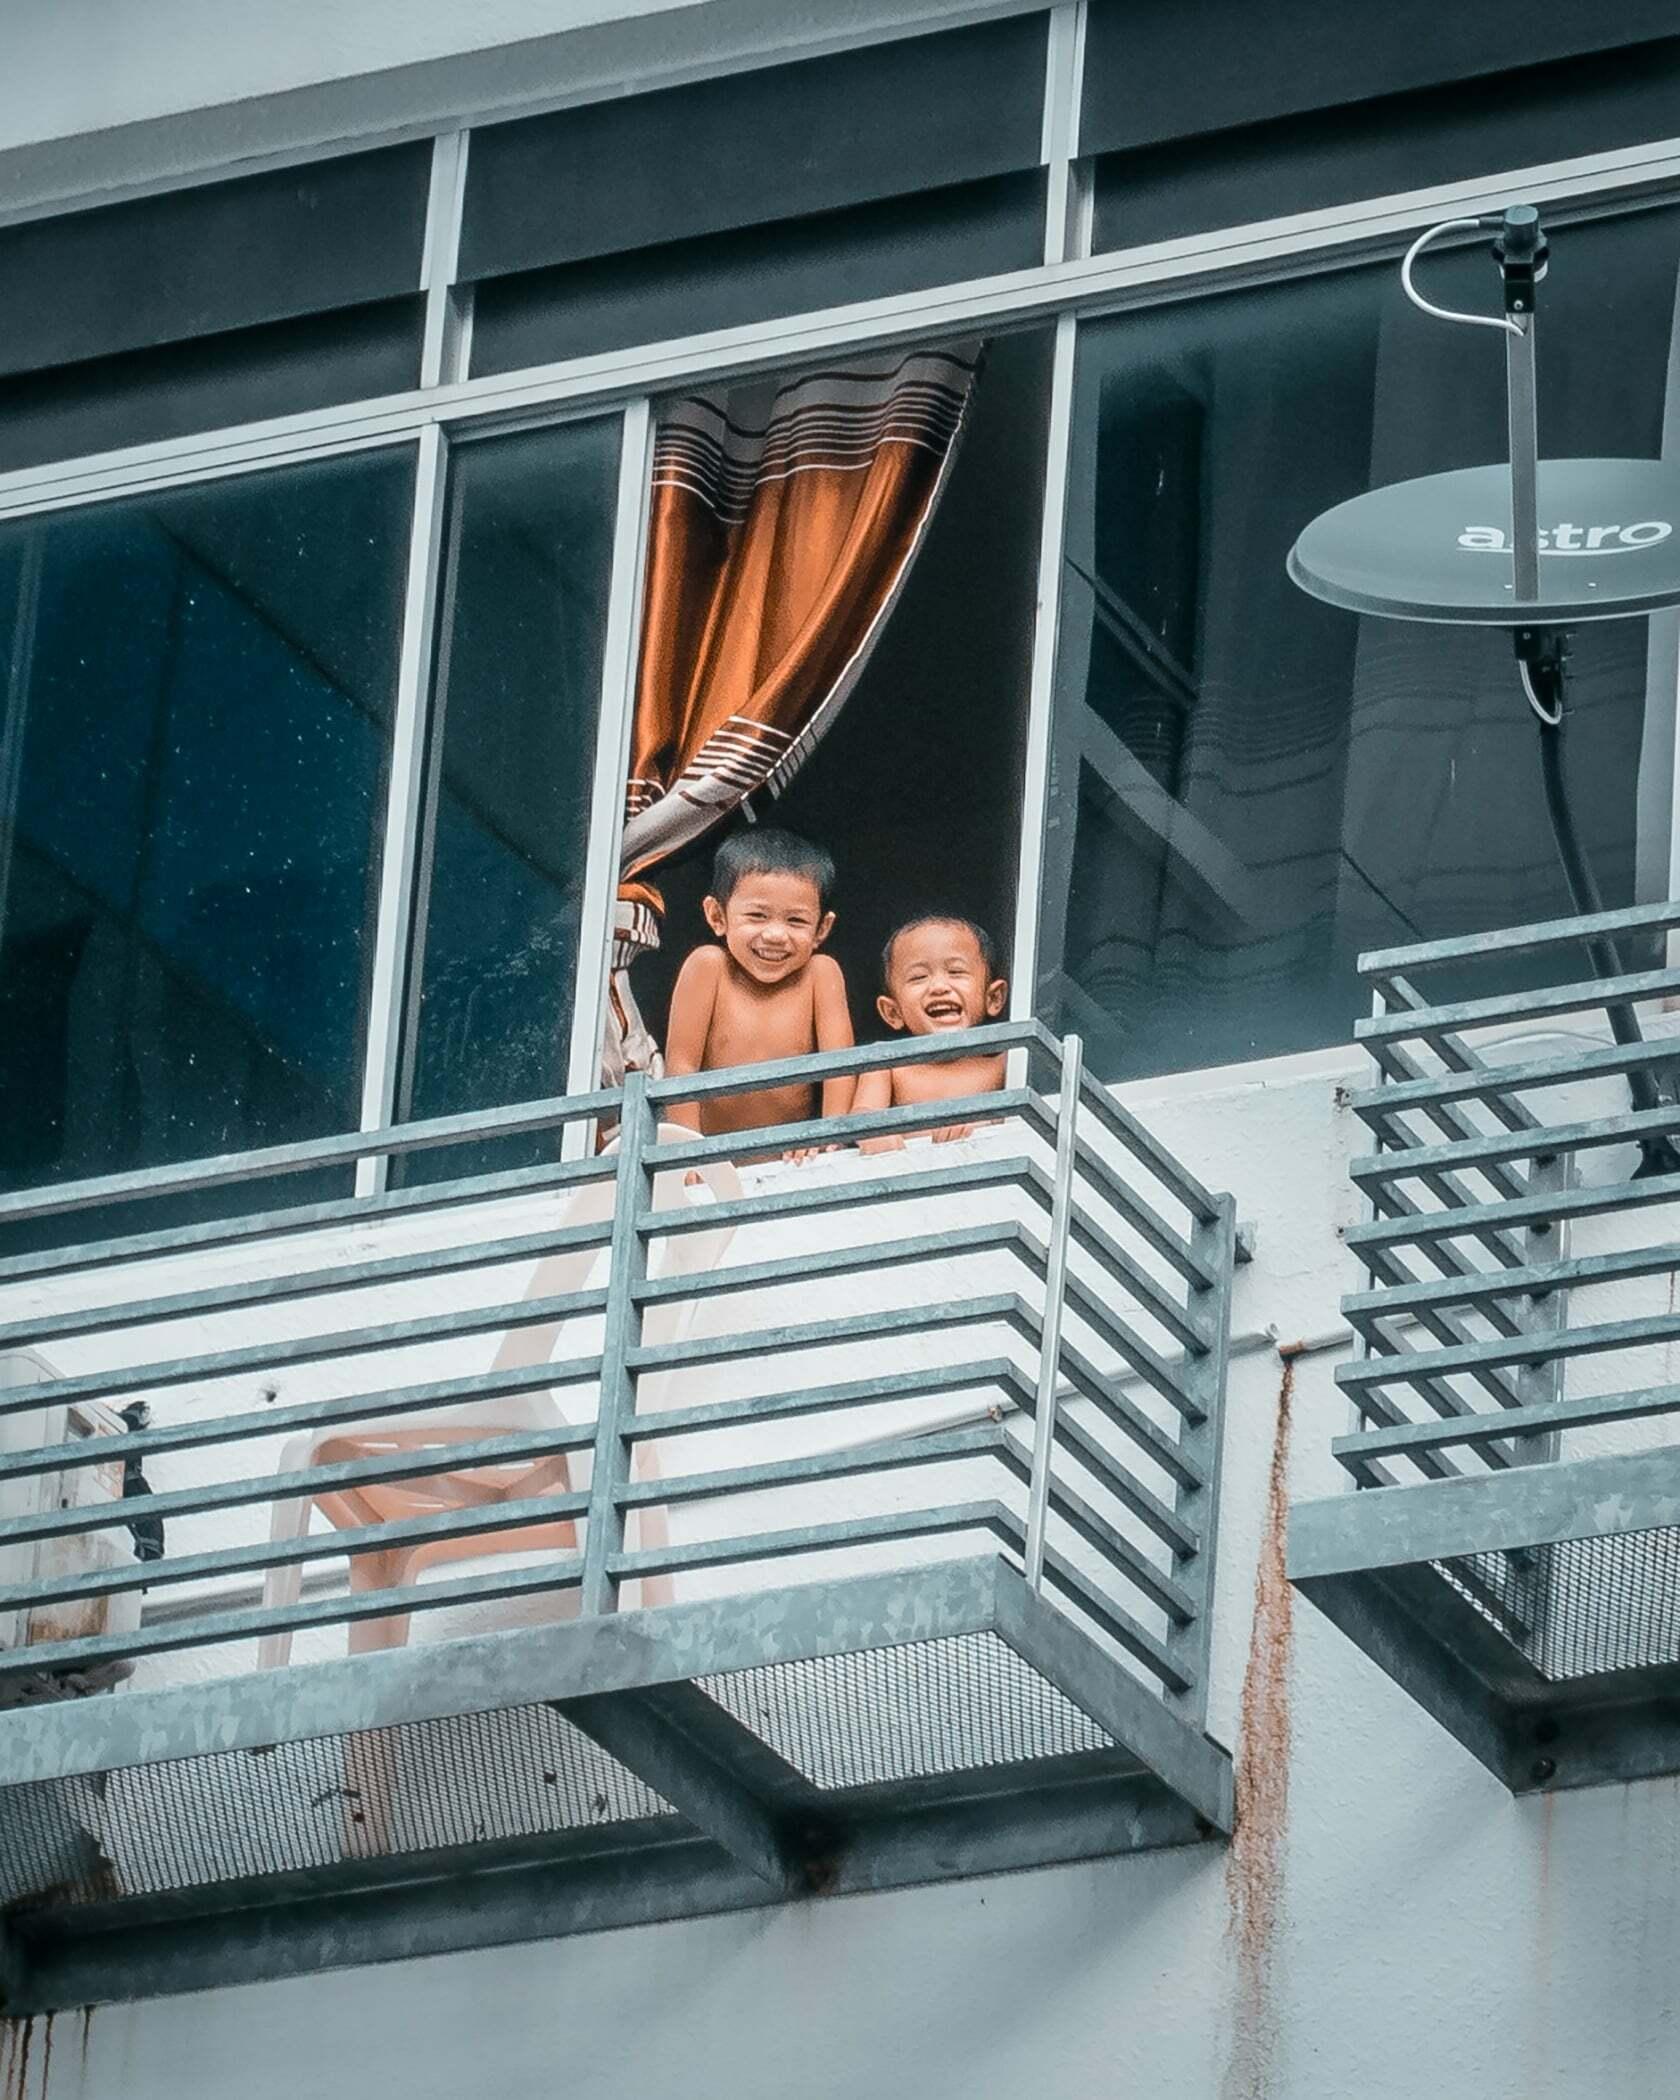 Foto van kinderen die hangen uit een raam uit fotografie collectie mensen van Simon Wijers